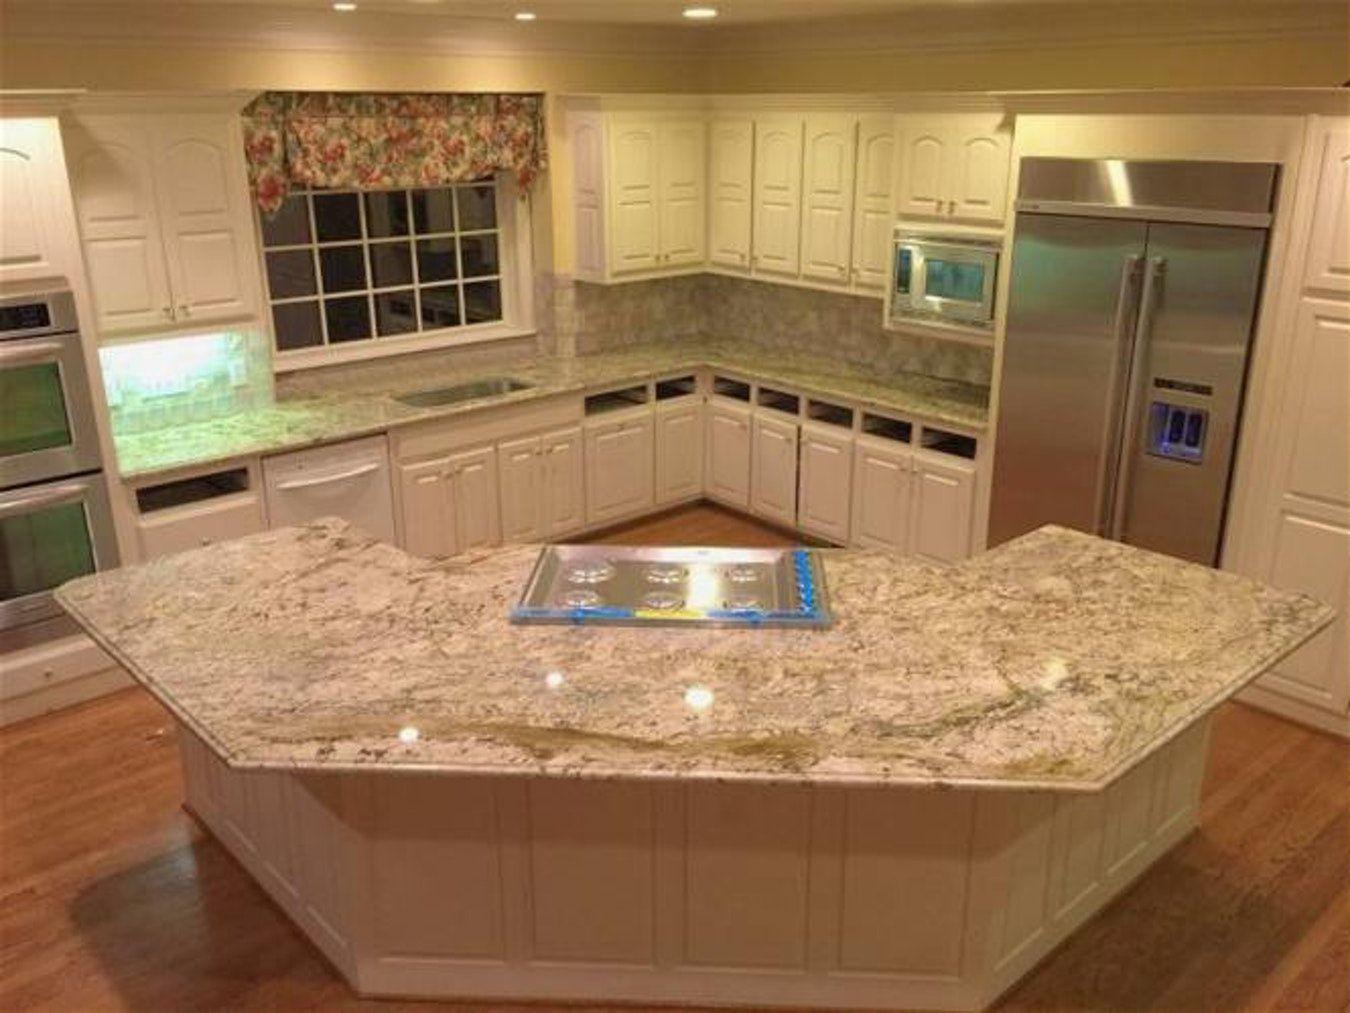 2018 Home Depot Quartz Countertops Price Per Square Foot   Kitchen Cabinets  Countertops Ideas Check More